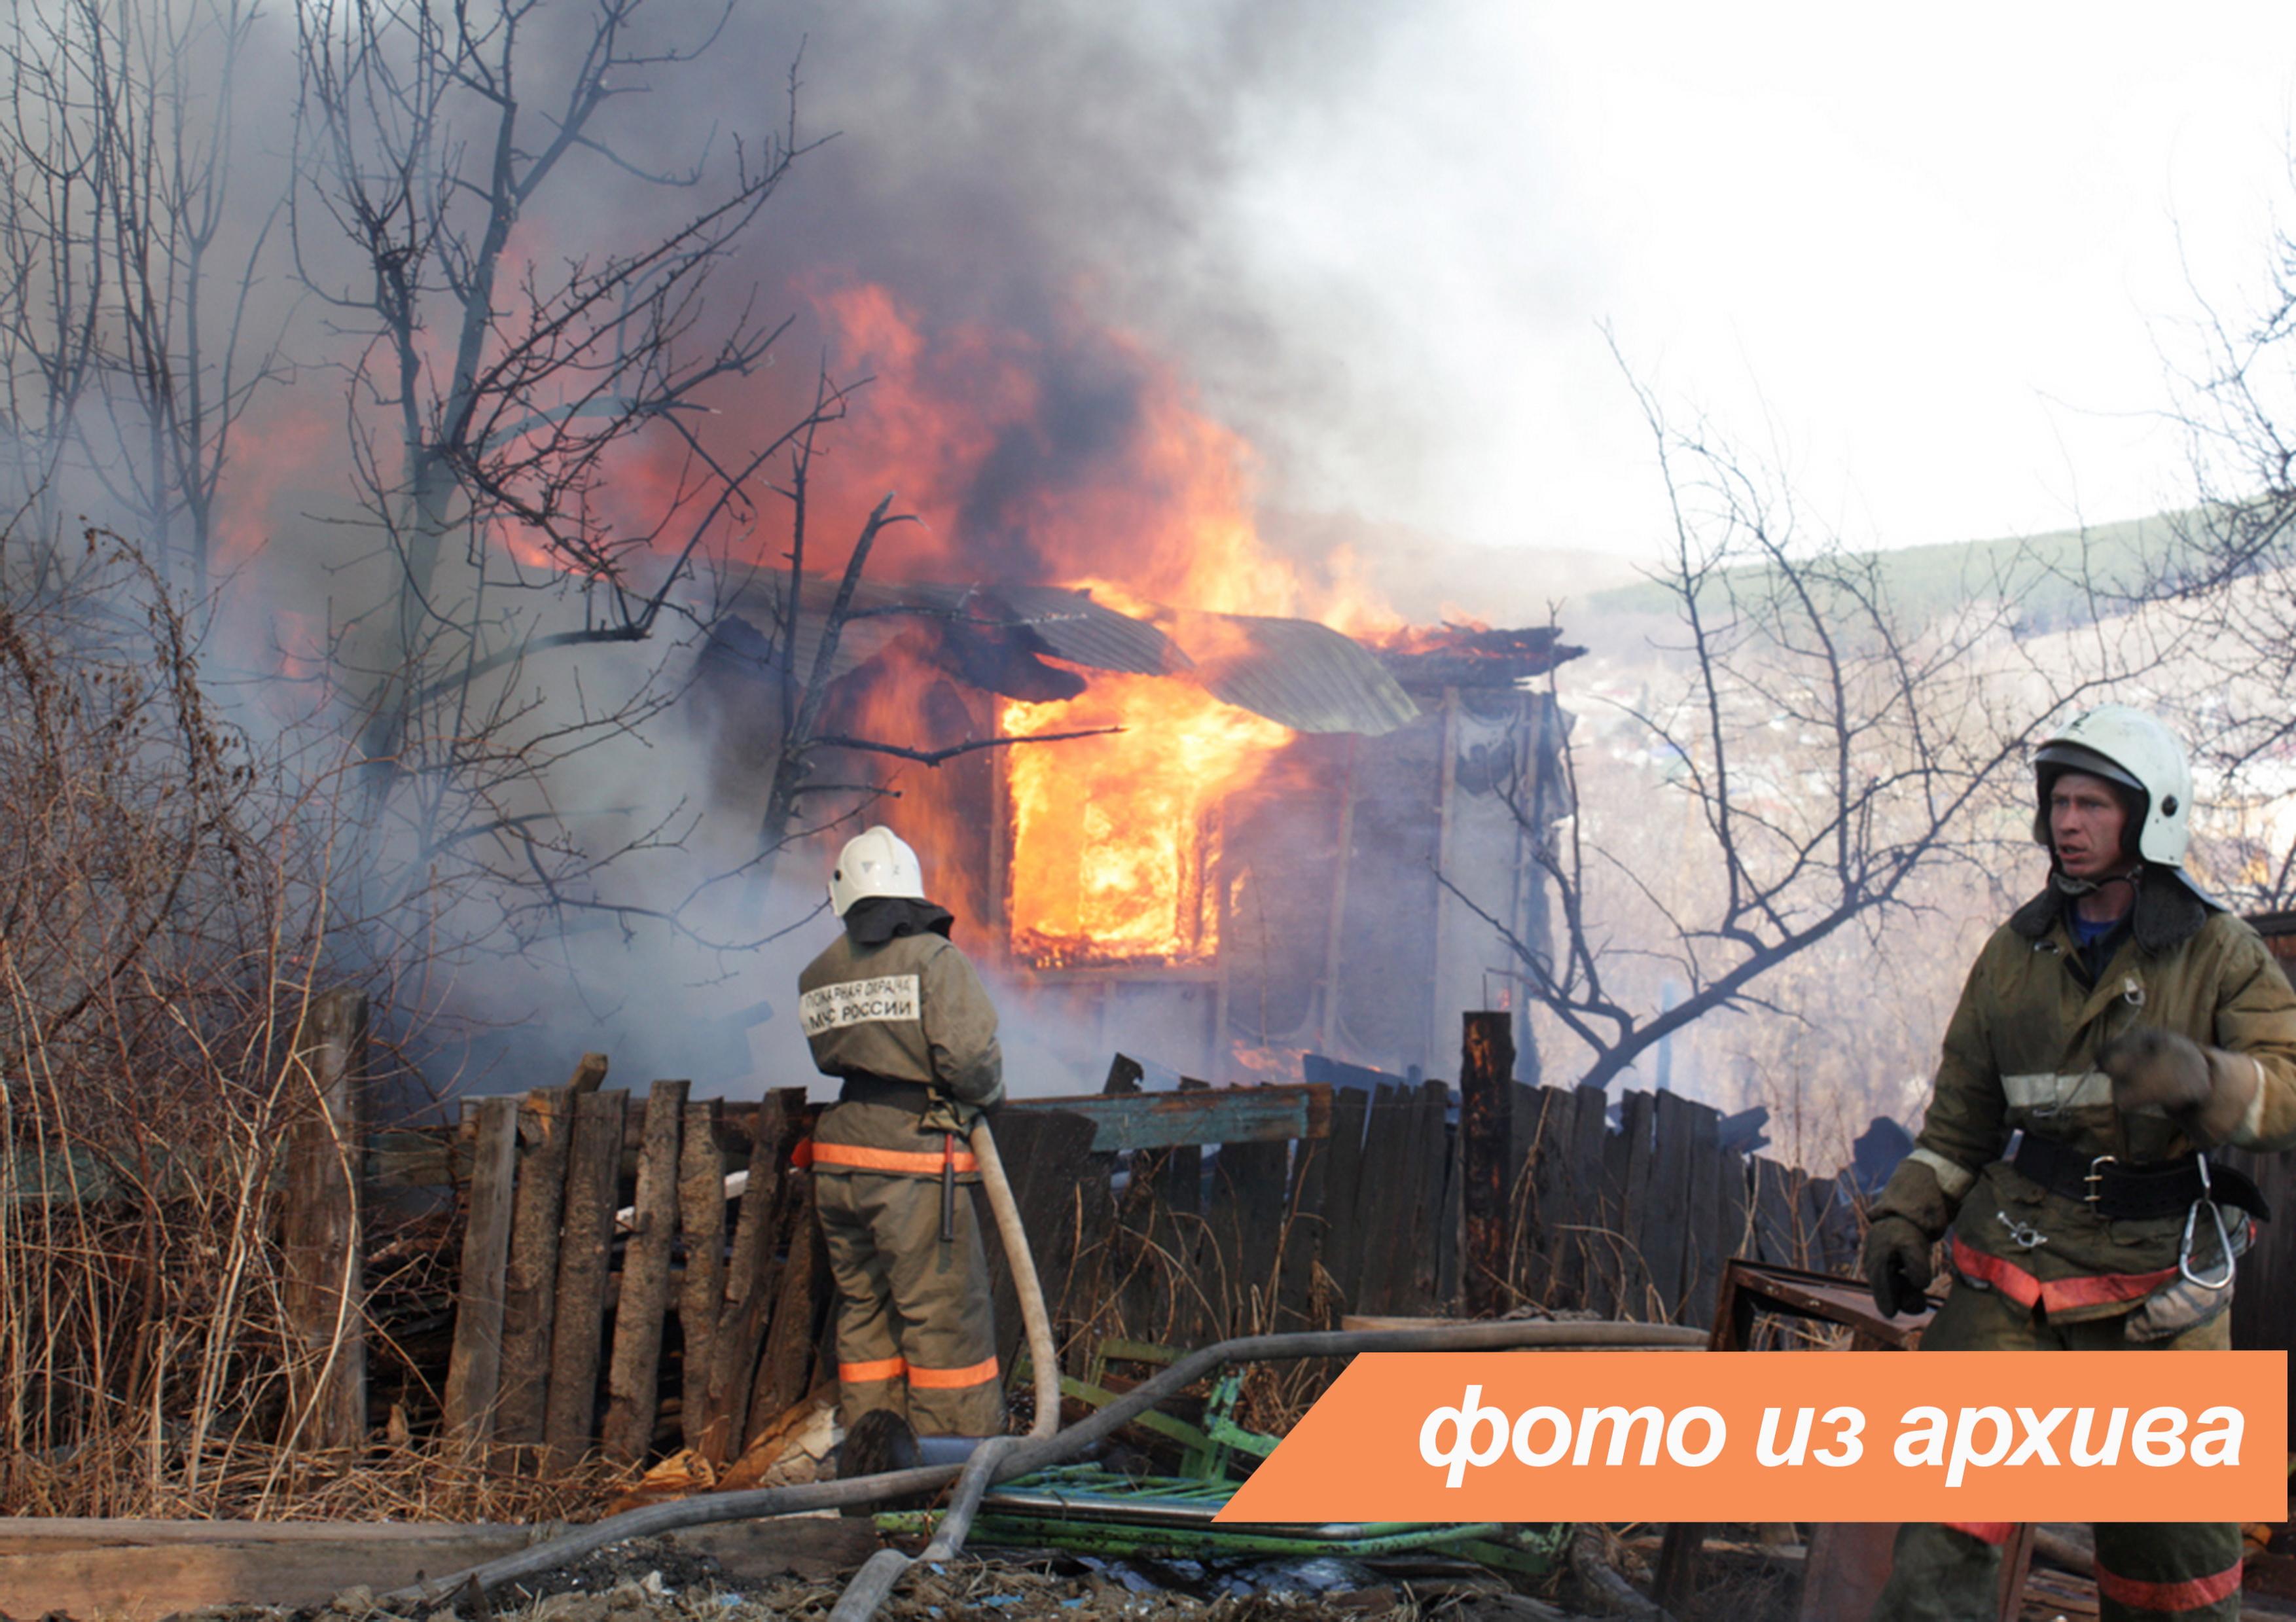 Пожарно-спасательное подразделение Ленинградской области ликвидировало пожар в г. Сосновый Бор